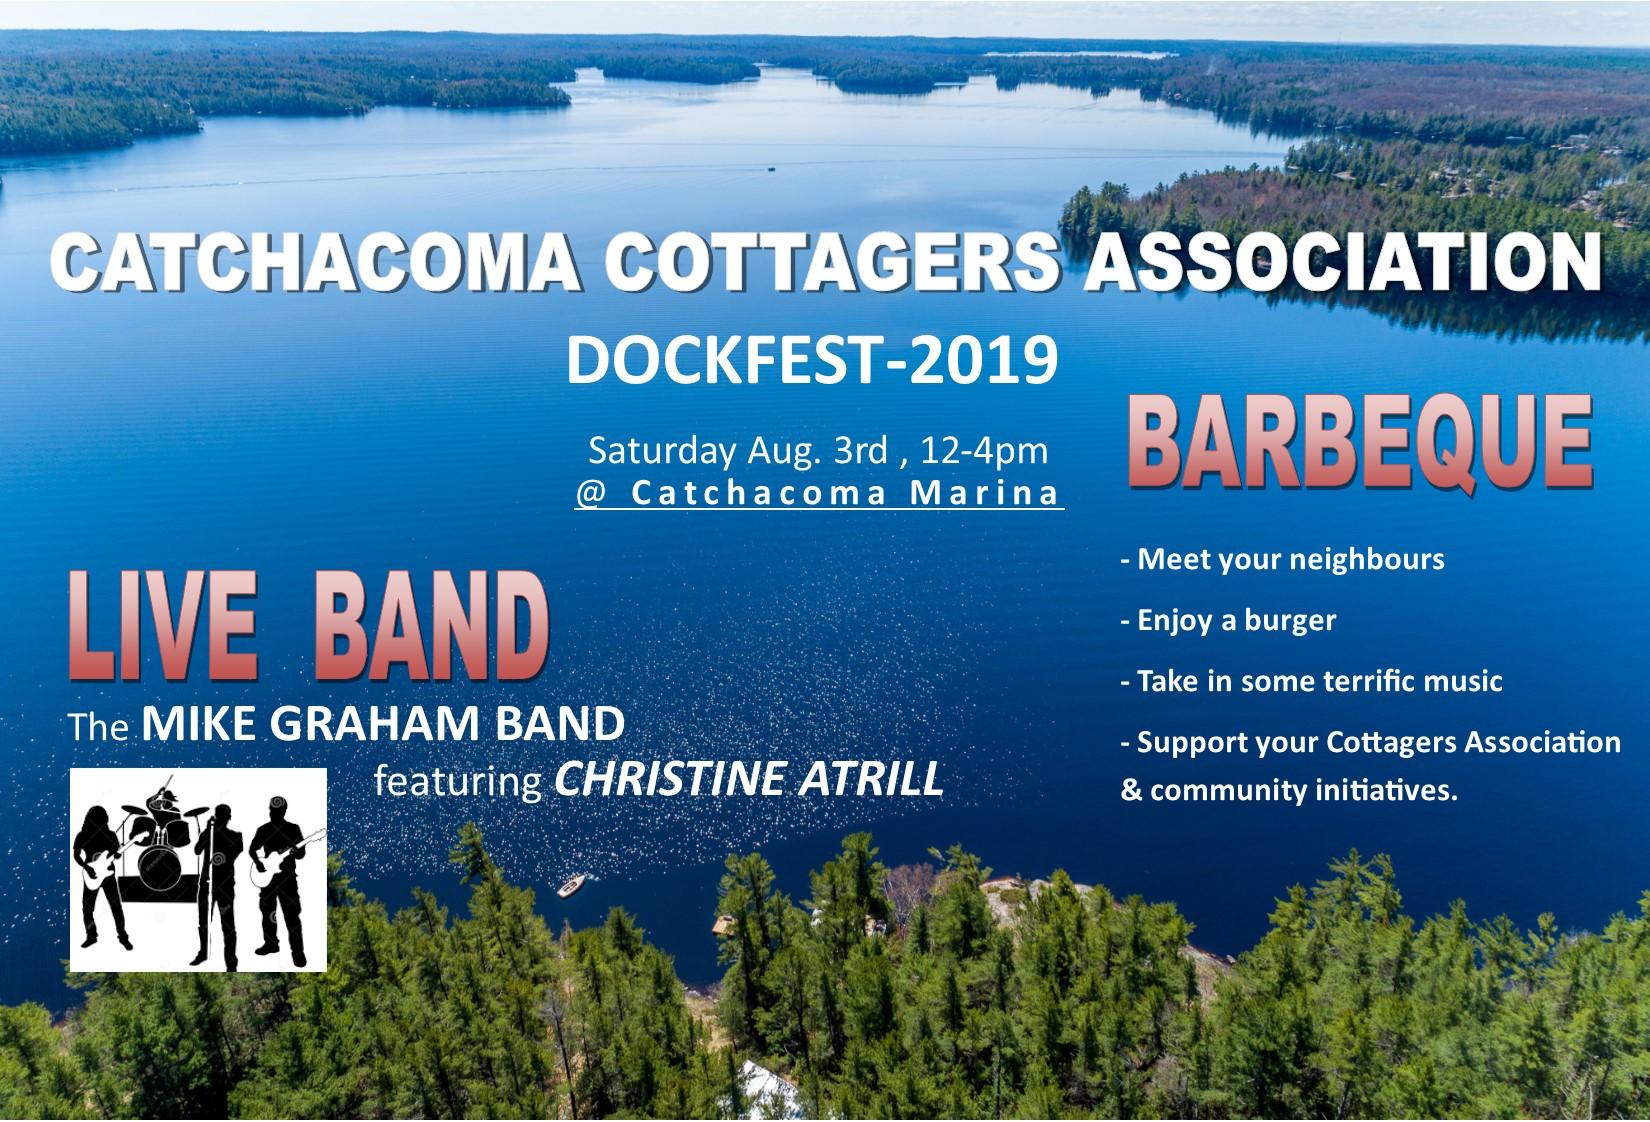 Dockfest 2019 poster